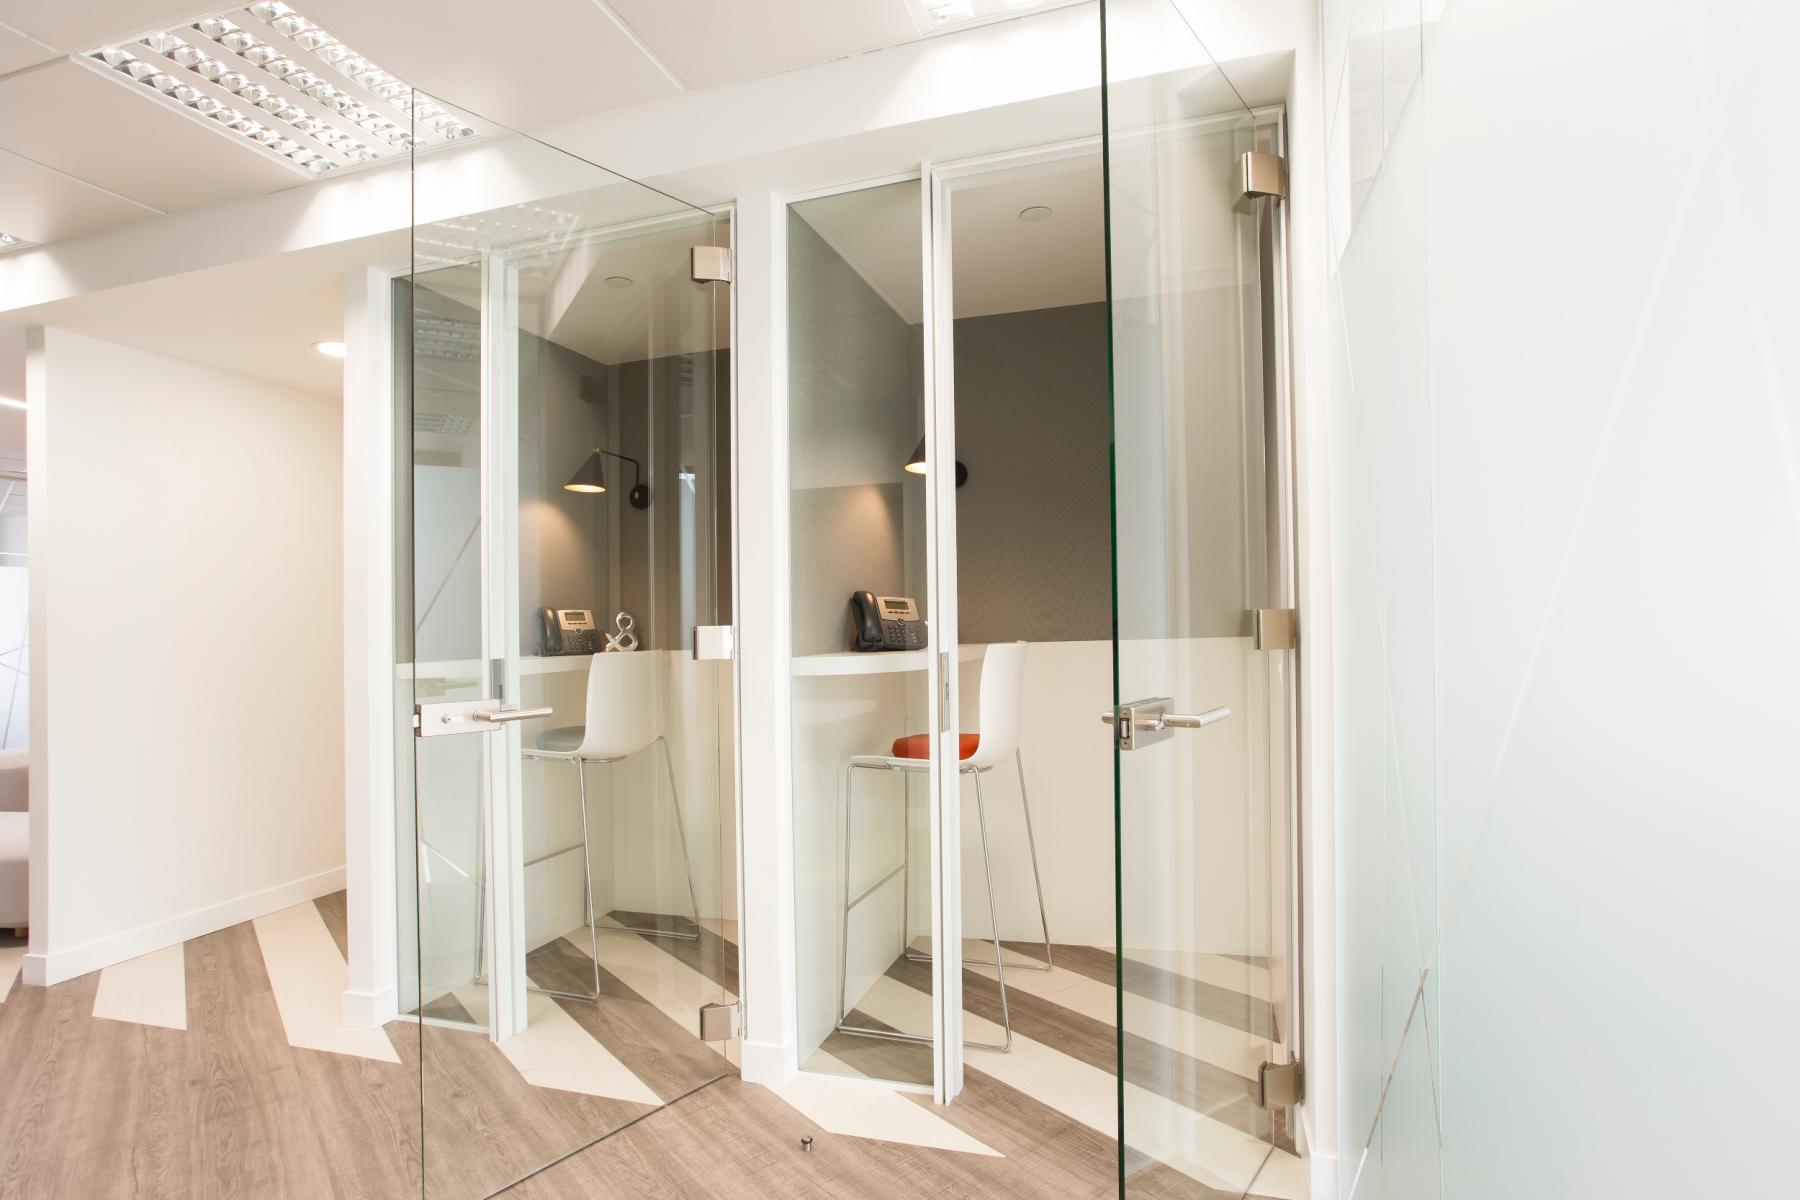 Alquilar oficinas Paseo de la Castellana 141, Madrid (1)